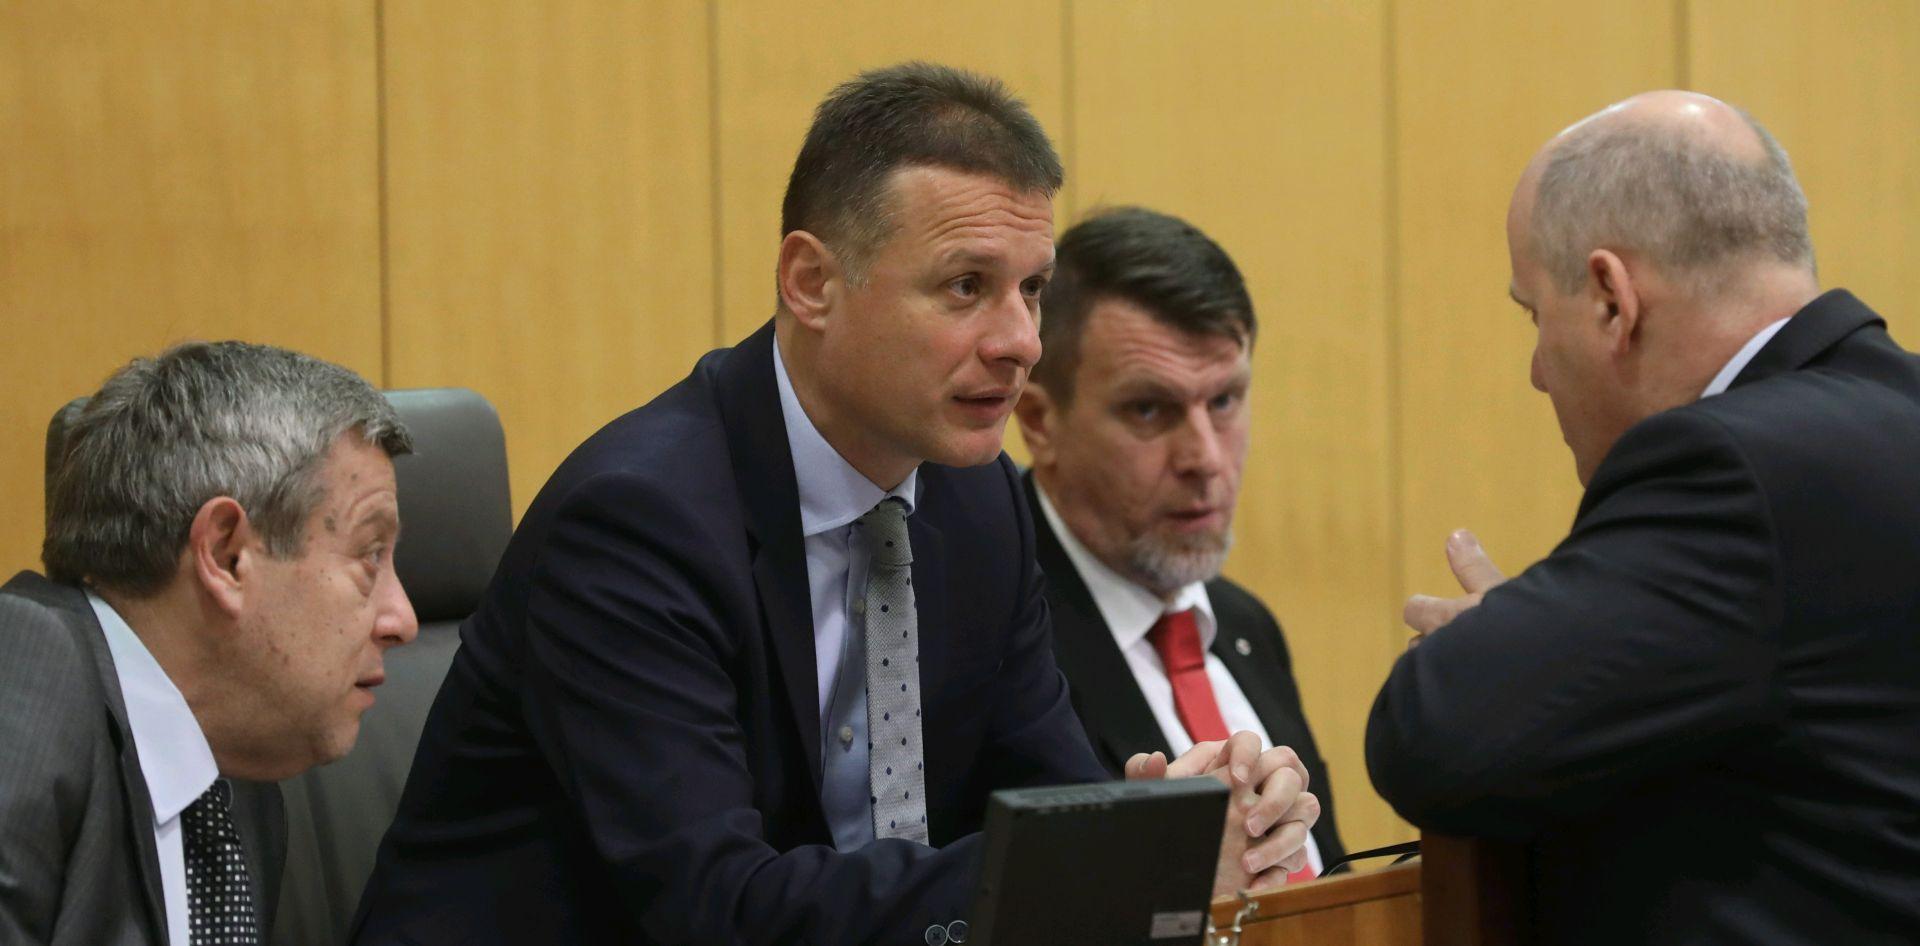 'HNS ima svoje stavove o određenim pitanjima, HDZ svoje'